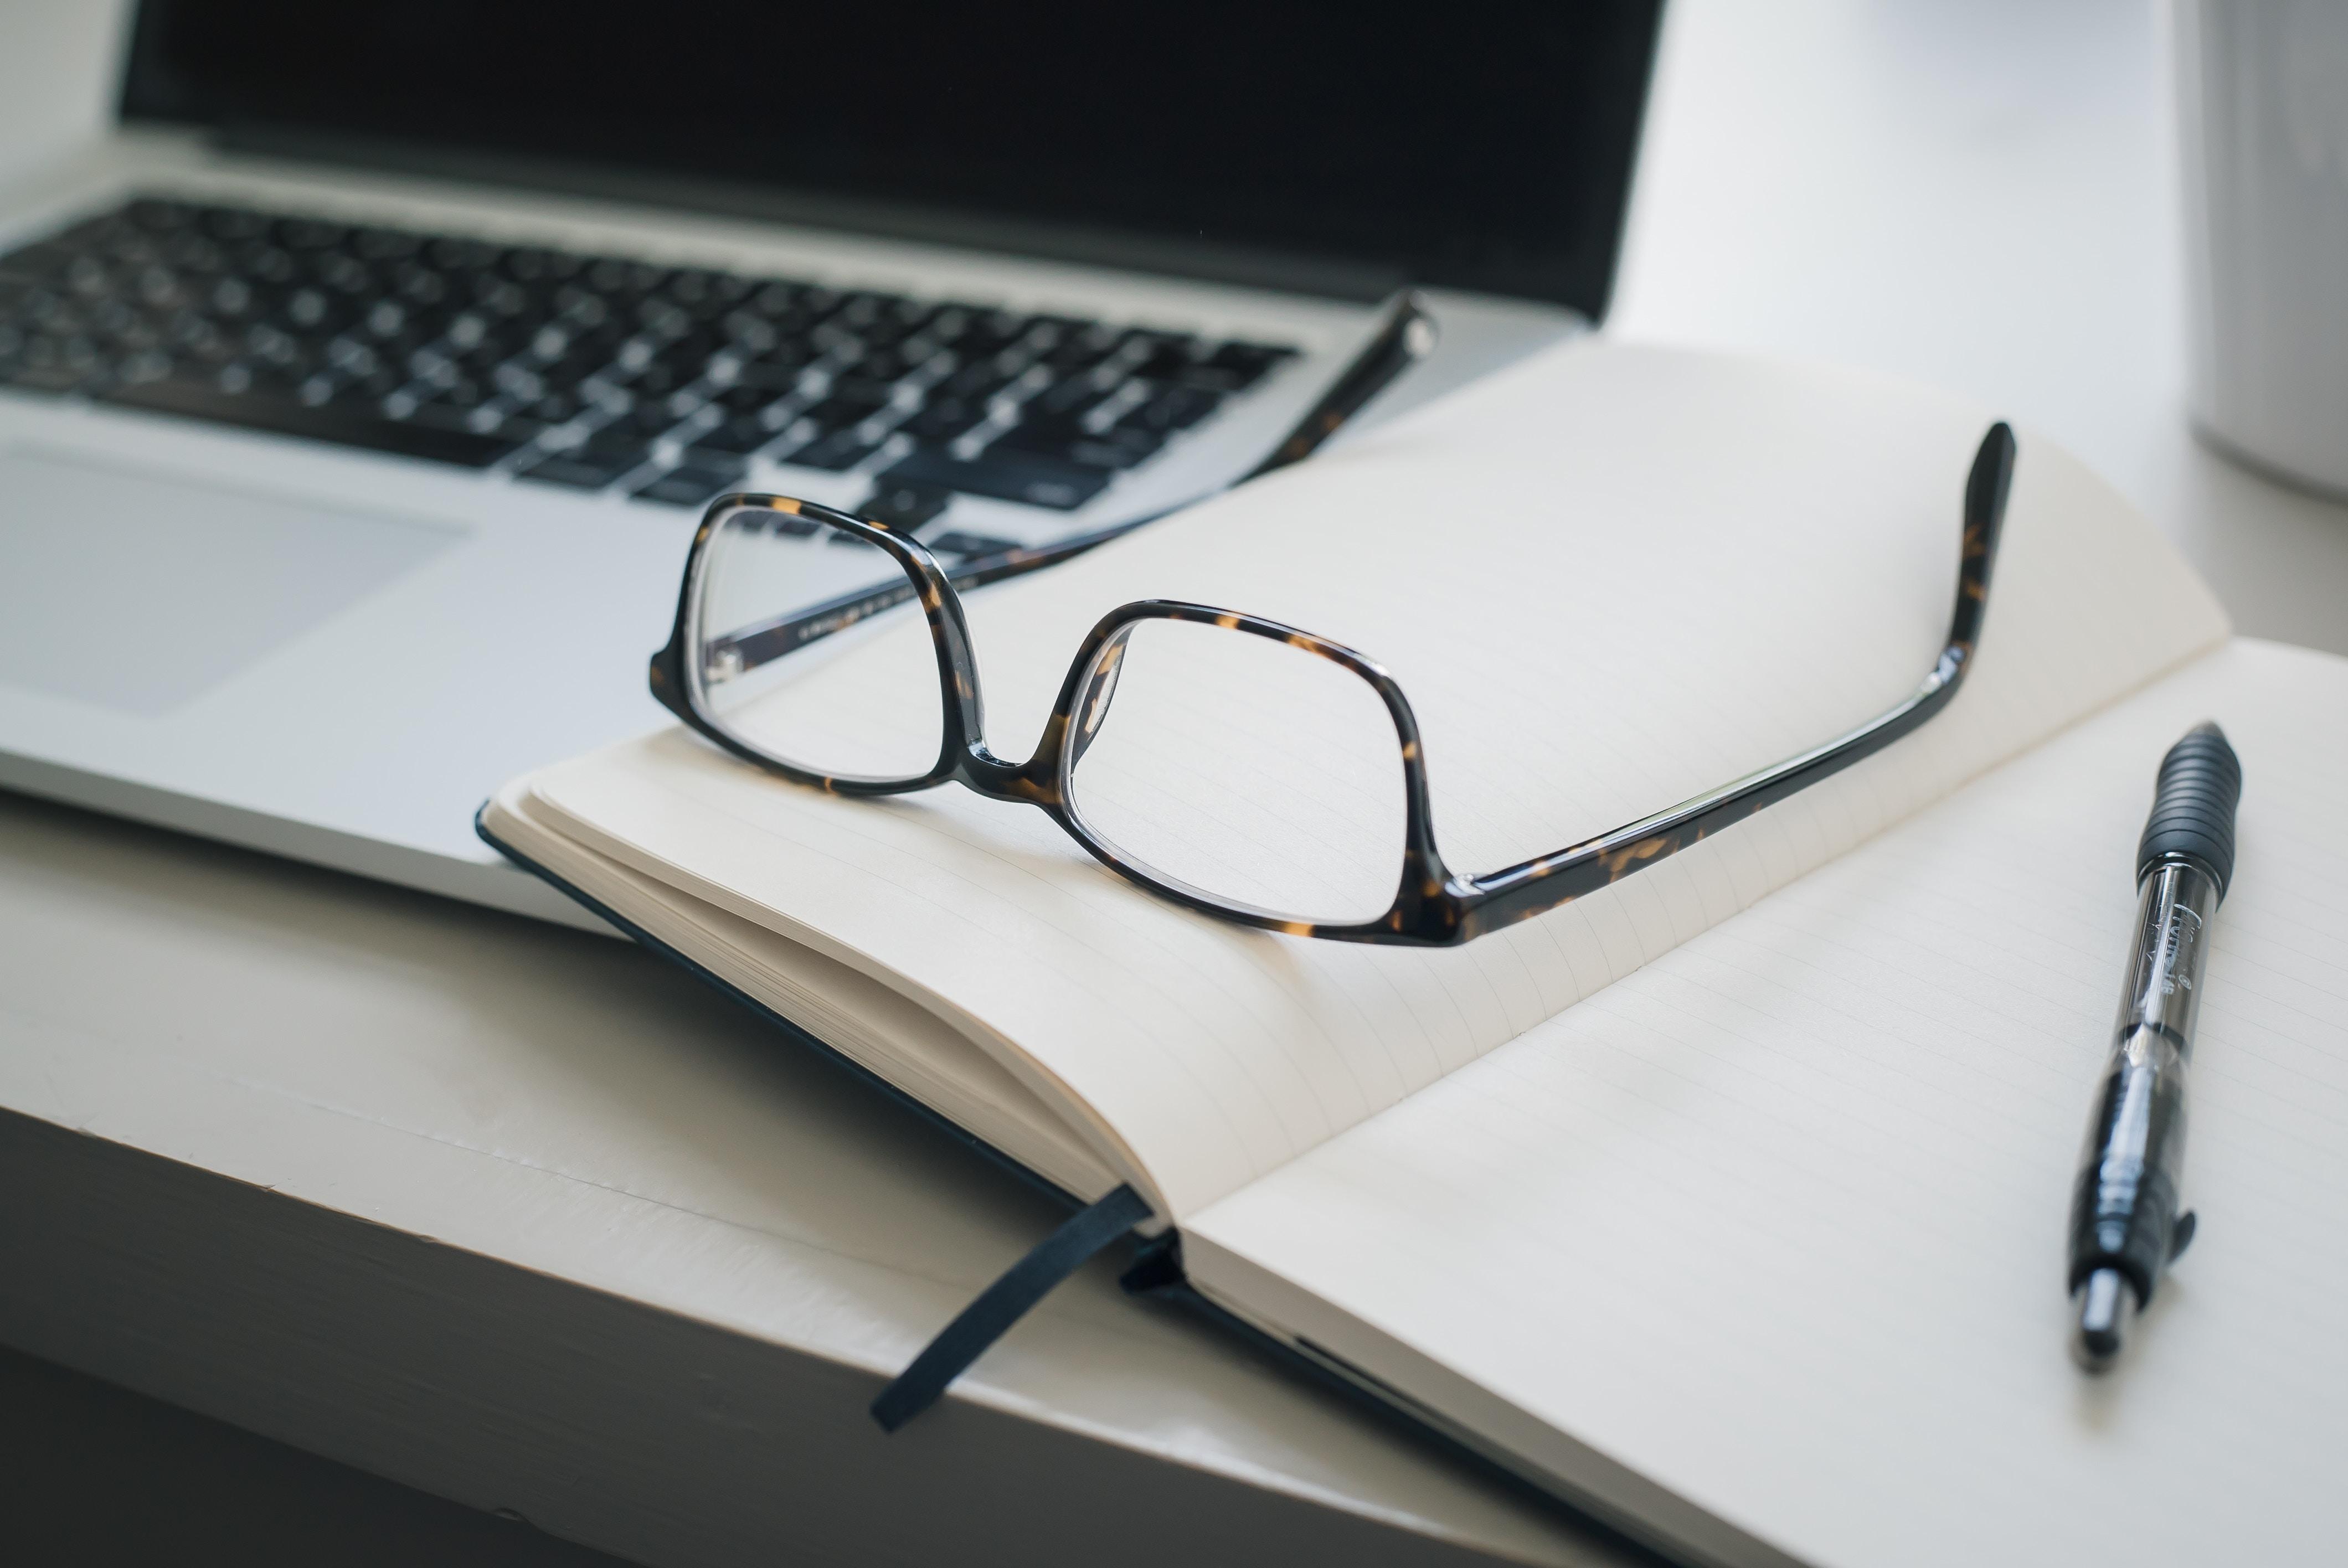 6针对在线零售商的强大搜索引擎优化策略的基本组件 -  Transeed博客